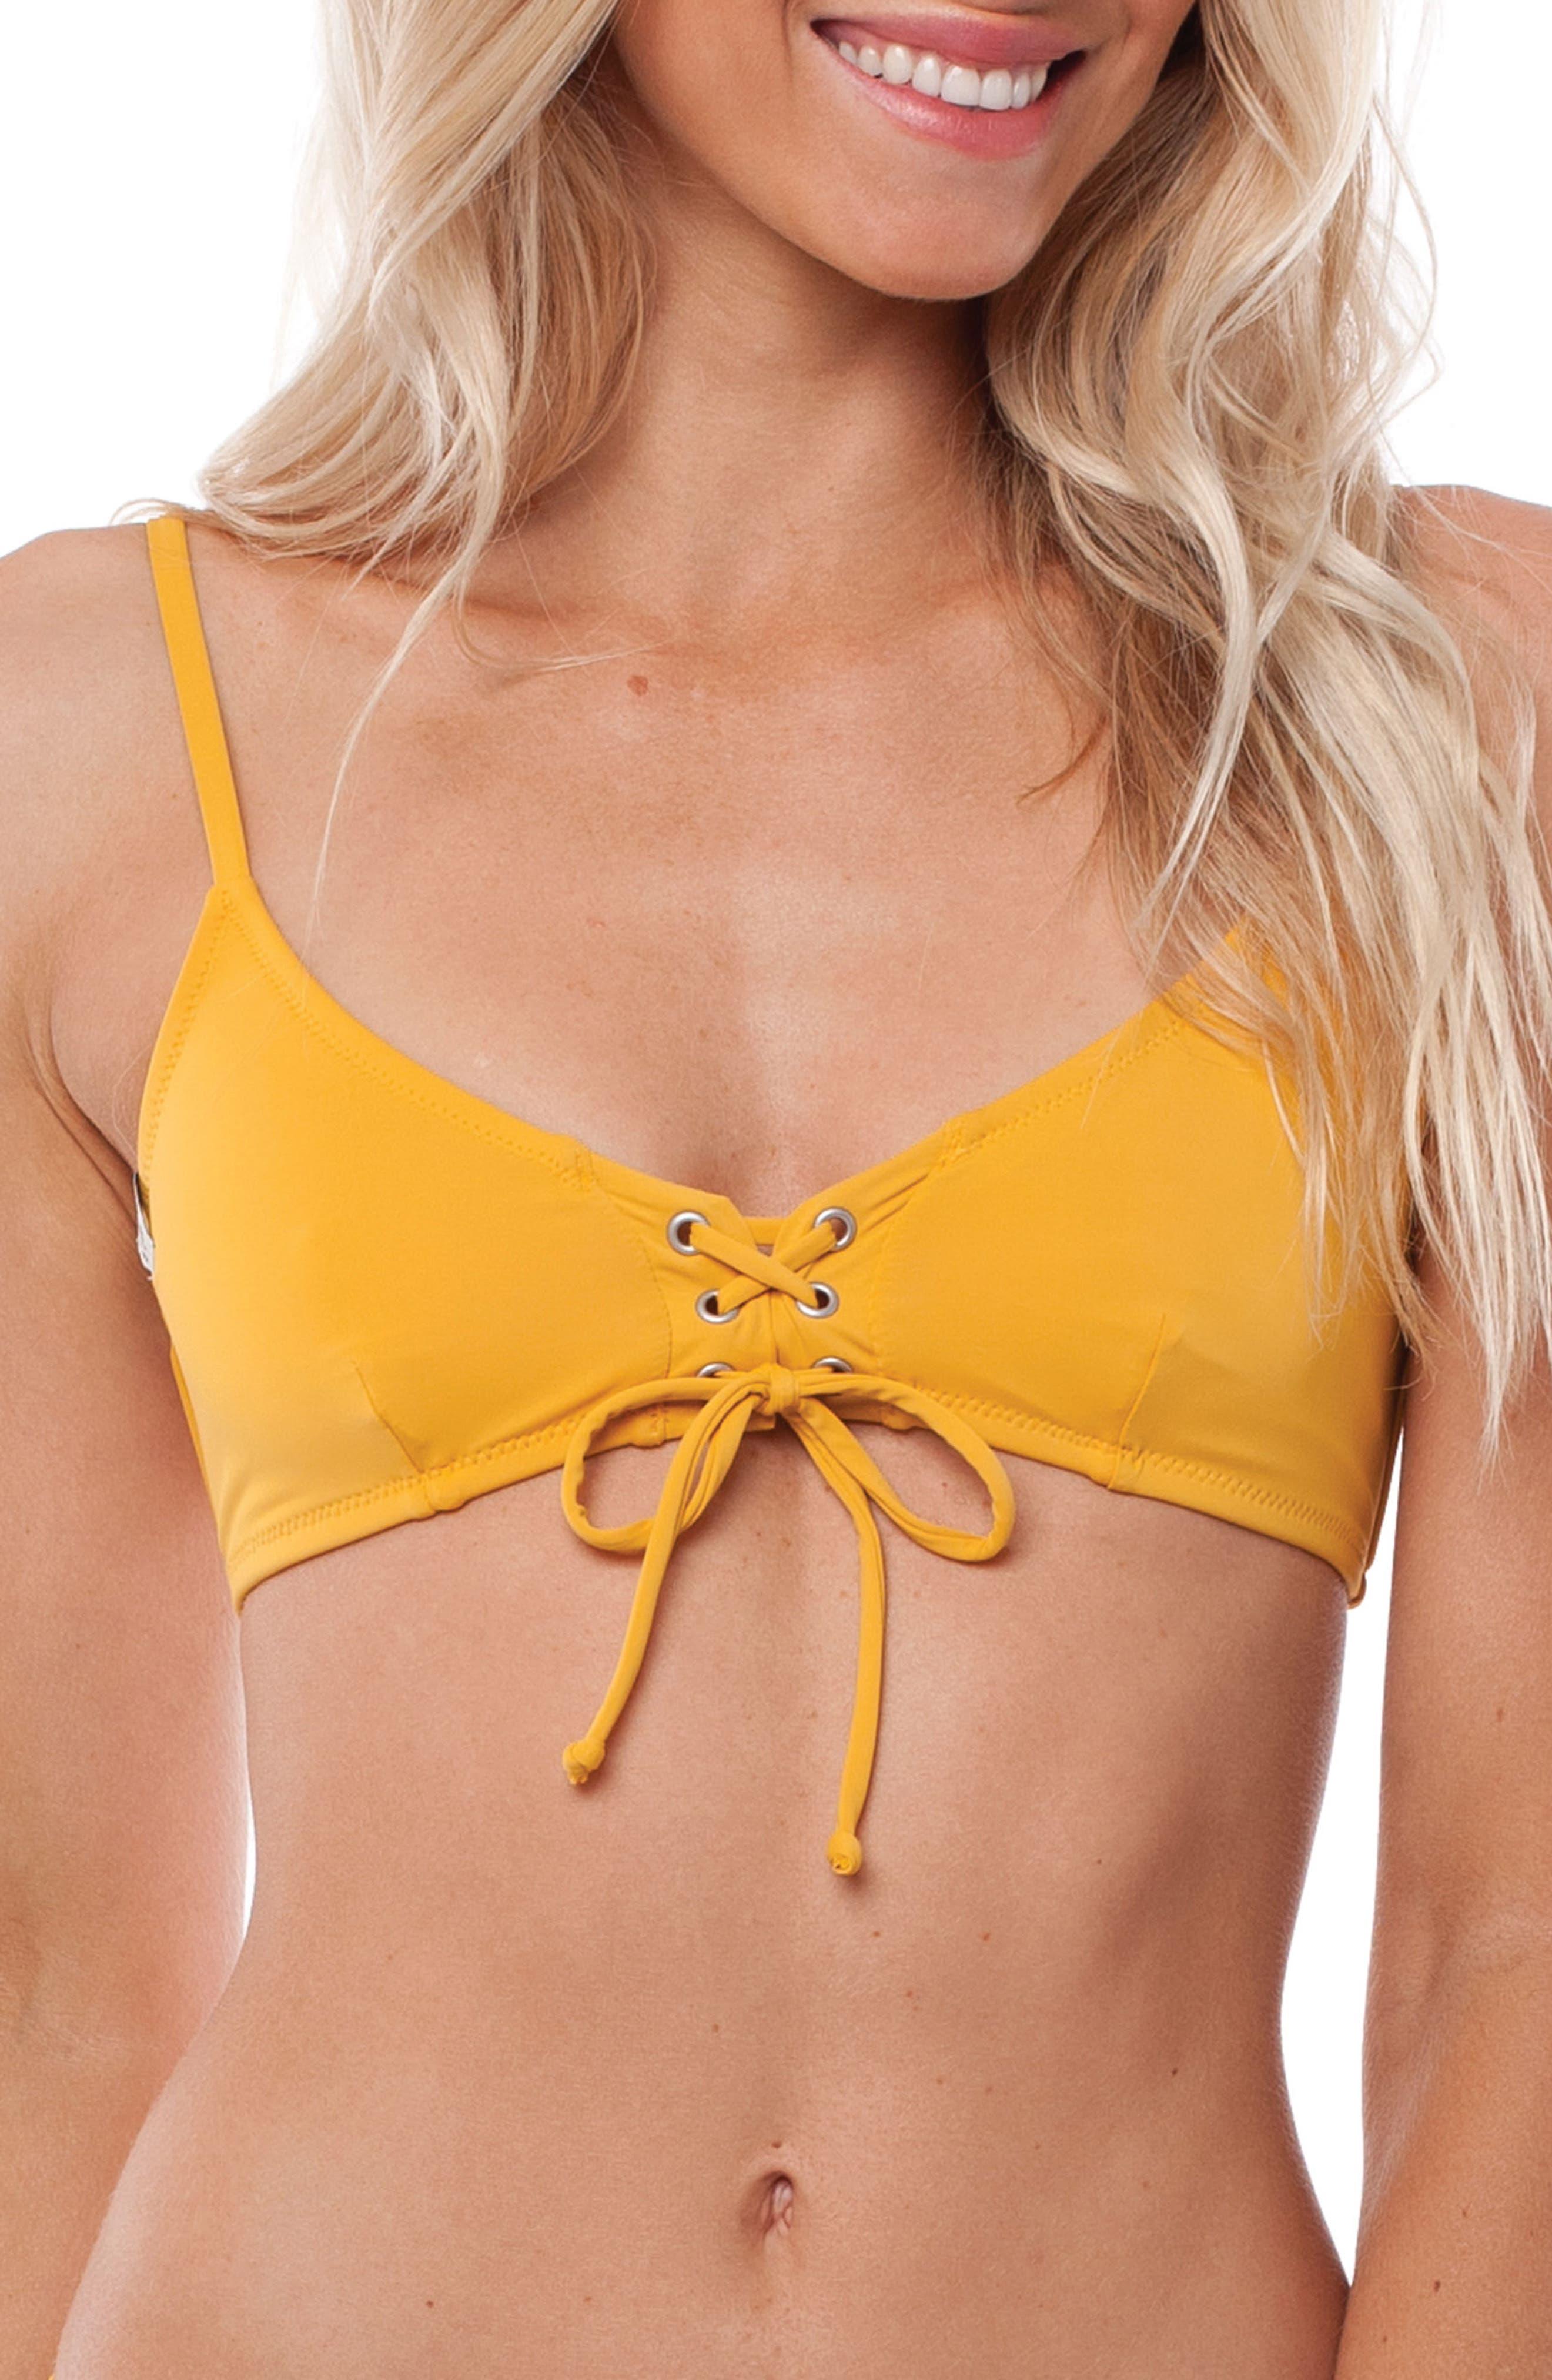 Sunchaser Bikini Top,                         Main,                         color, Marigold